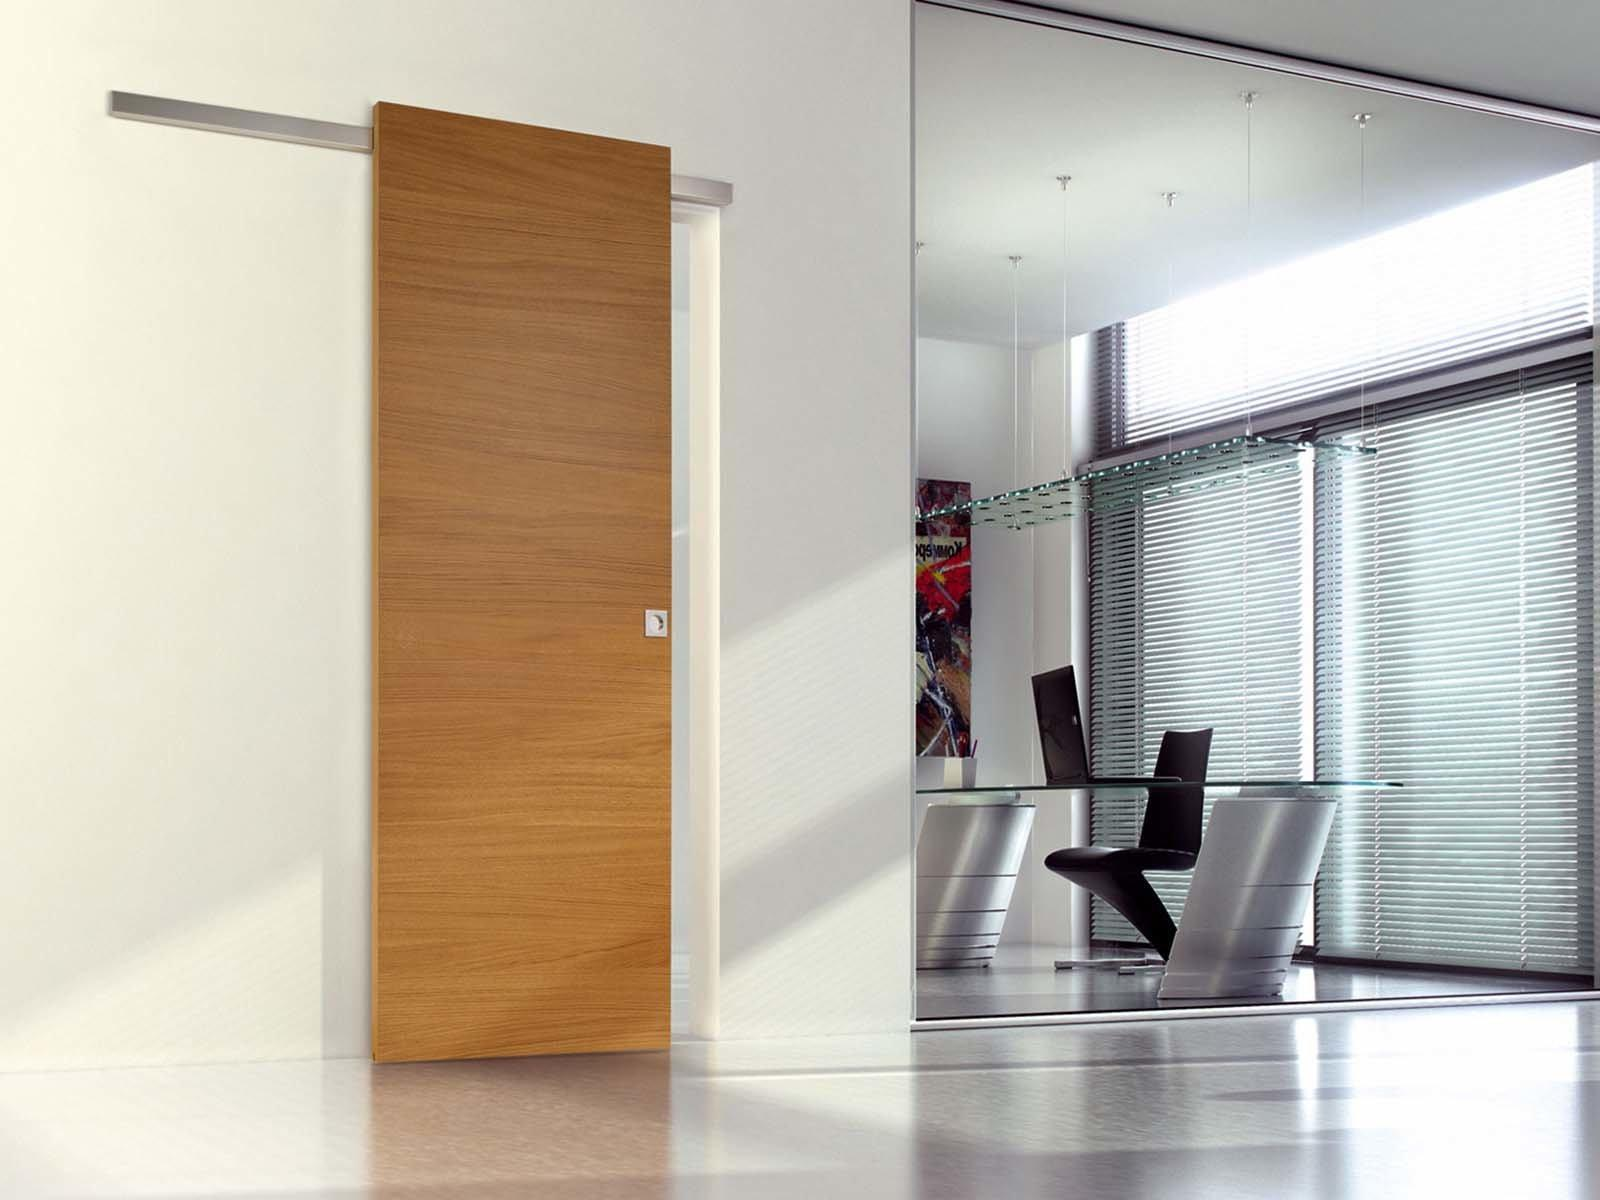 Установка межкомнатной одностворчатой двери-купе по всем правилам